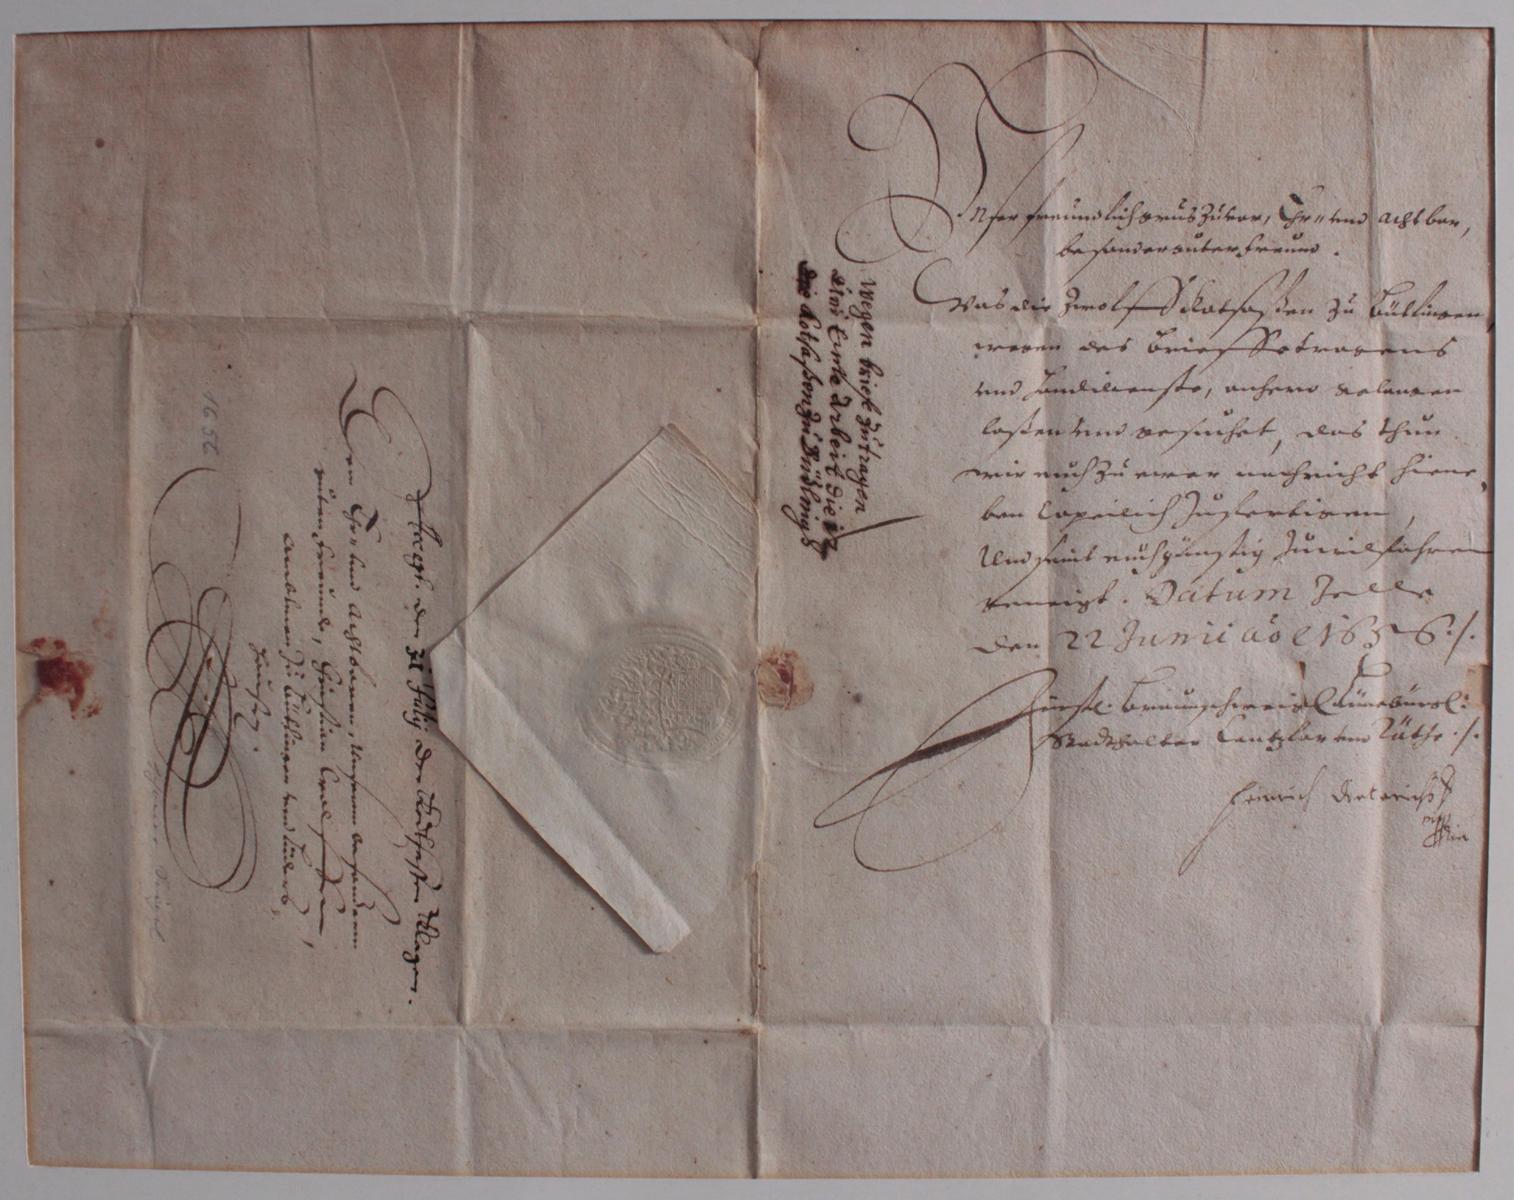 Samlung Altbriefe, Vorphilatelie, Meisterbrief und Dokumente-3